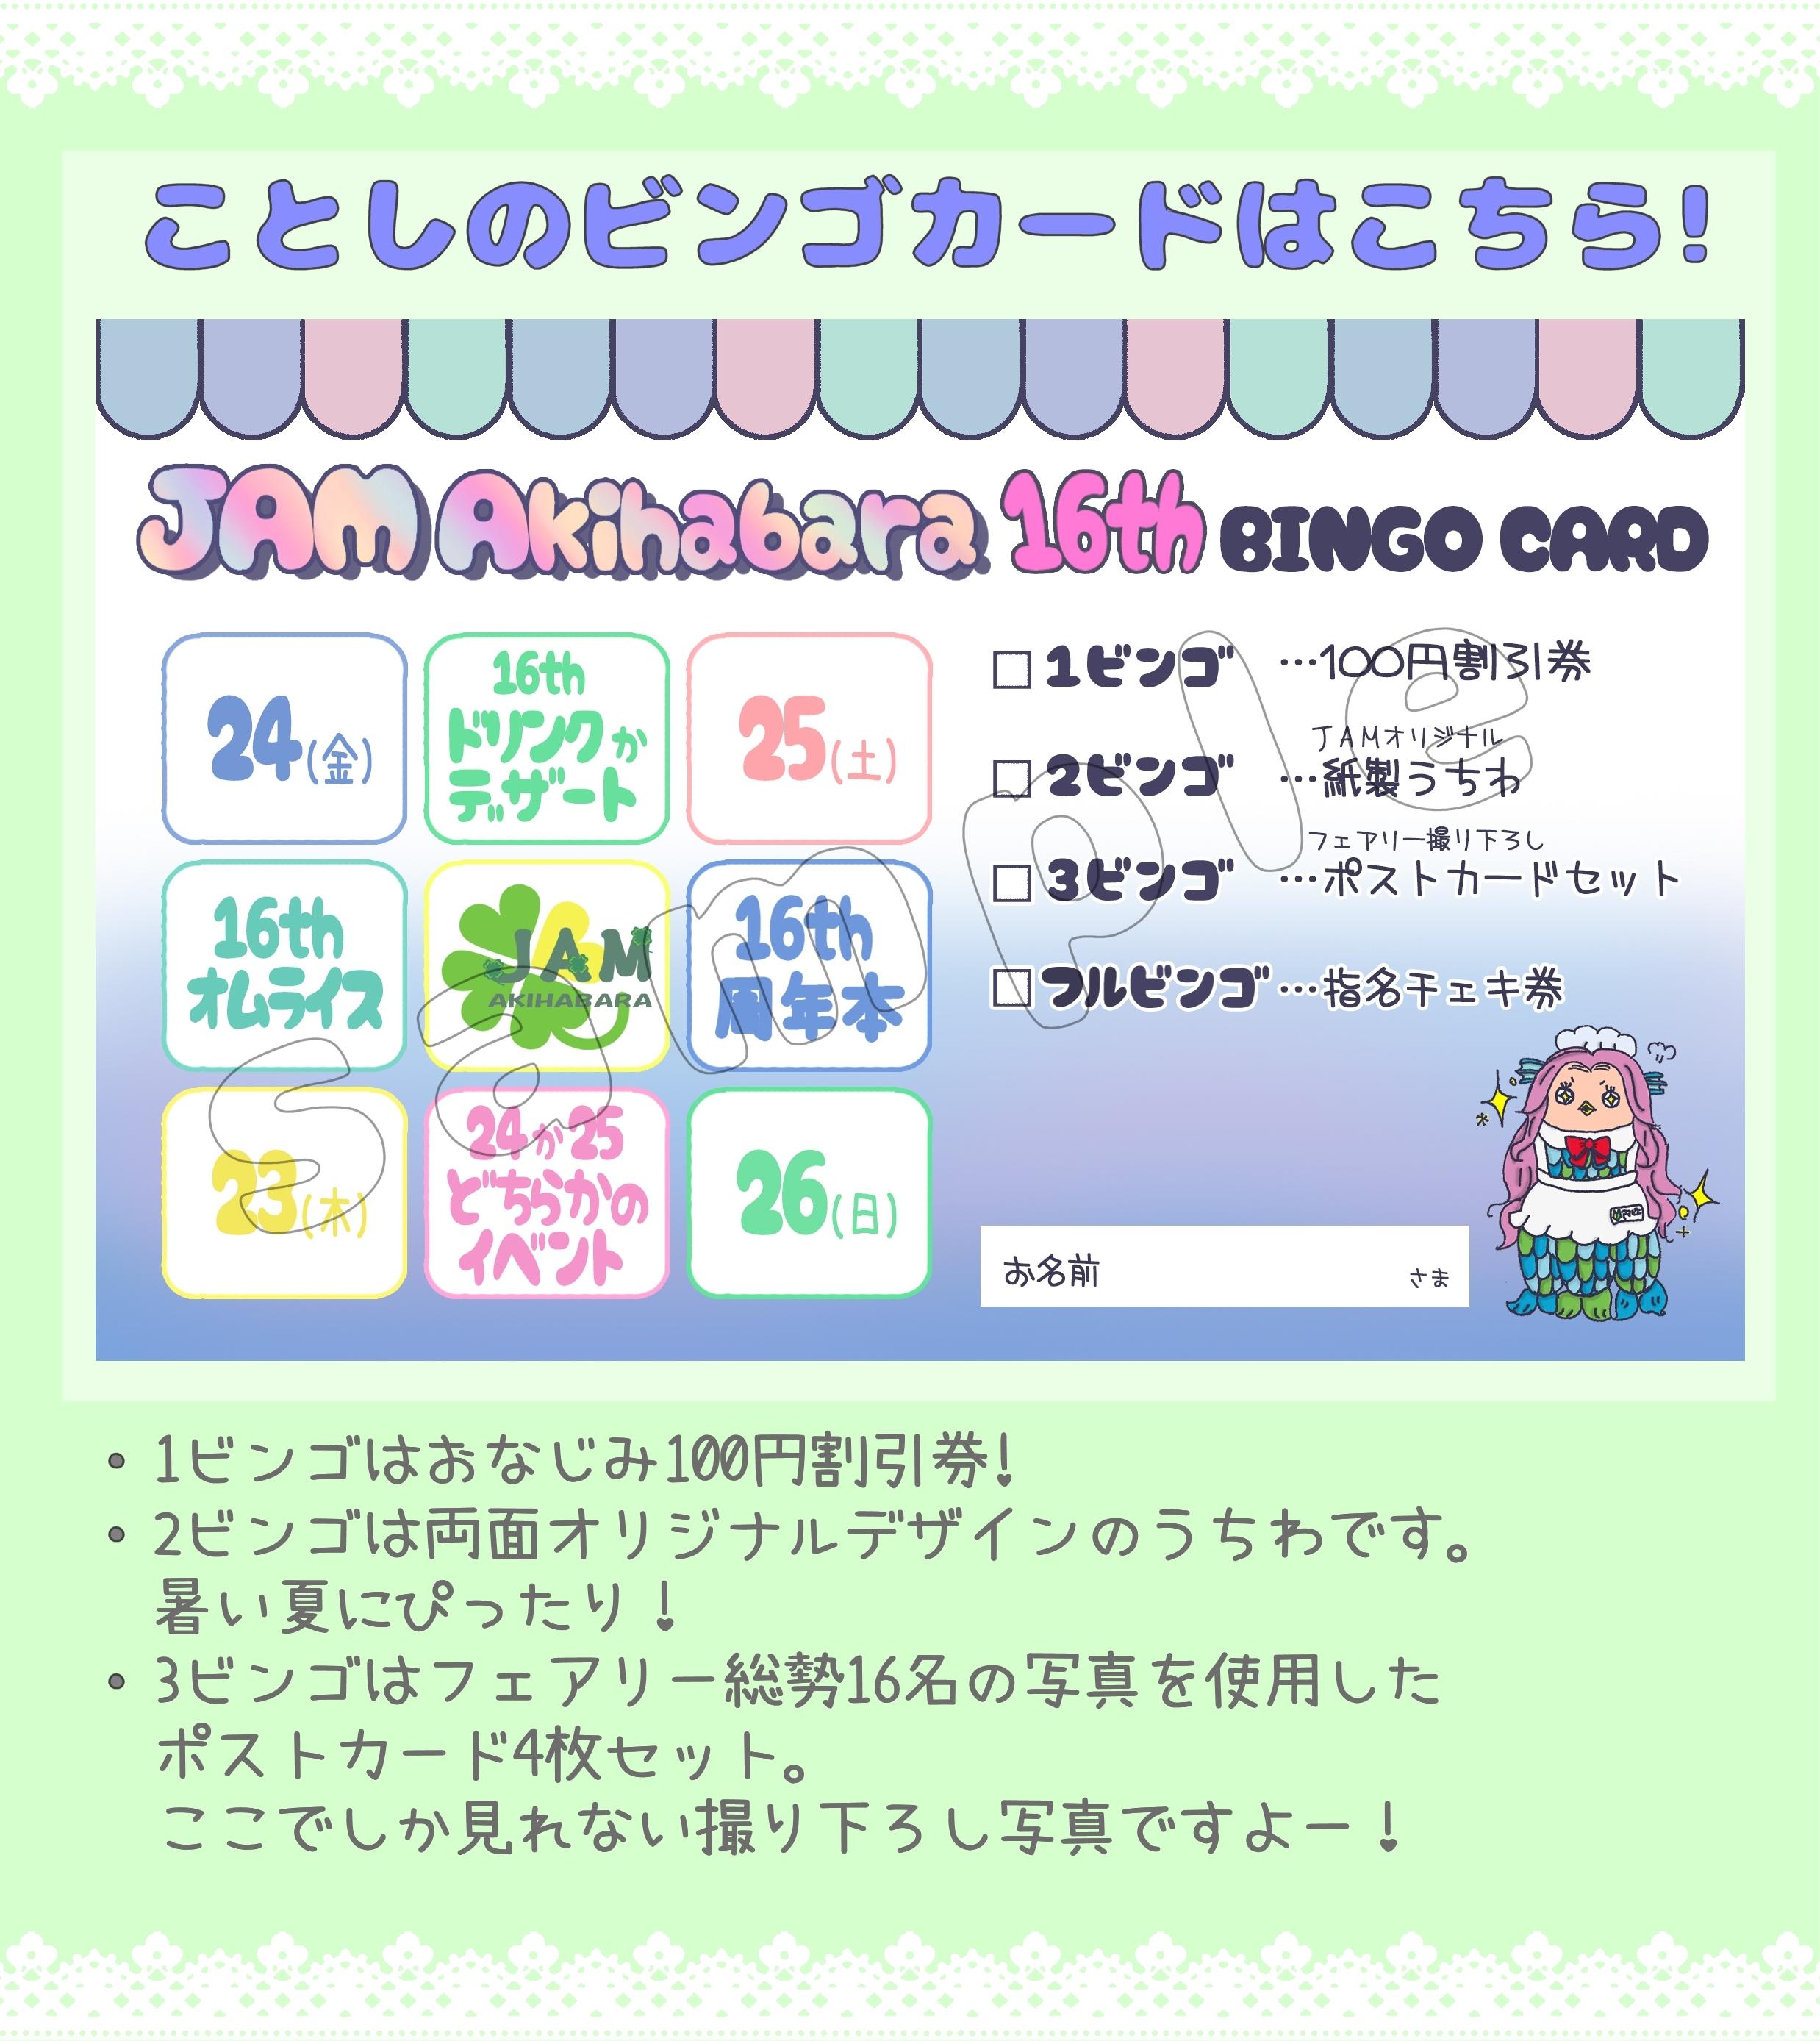 JAM Akihabara 16周年イベント ビンゴカード